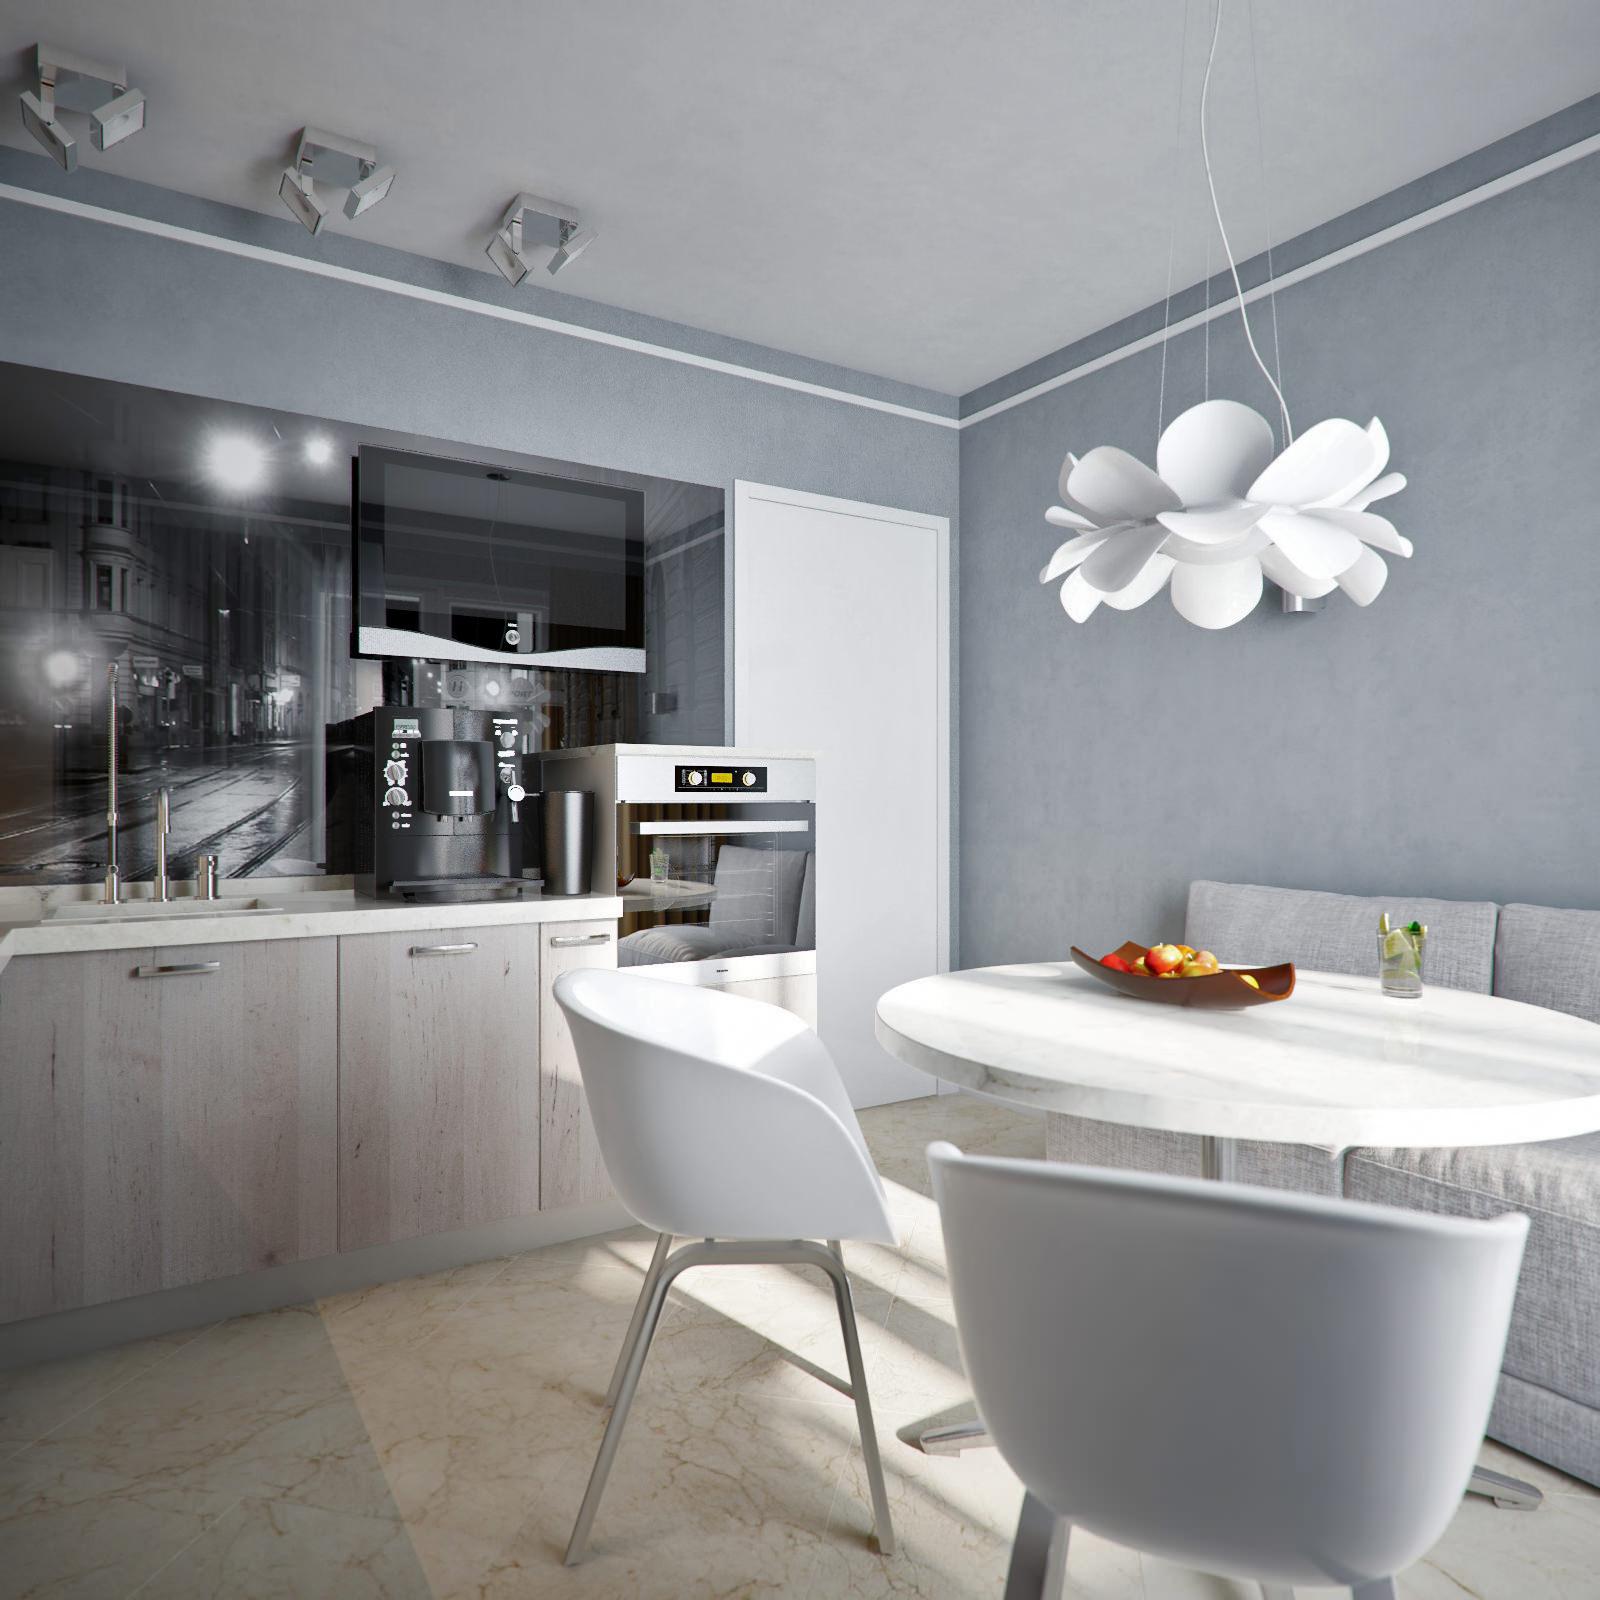 Дизайн однокомнатной квартиры: 40 кв. м фото